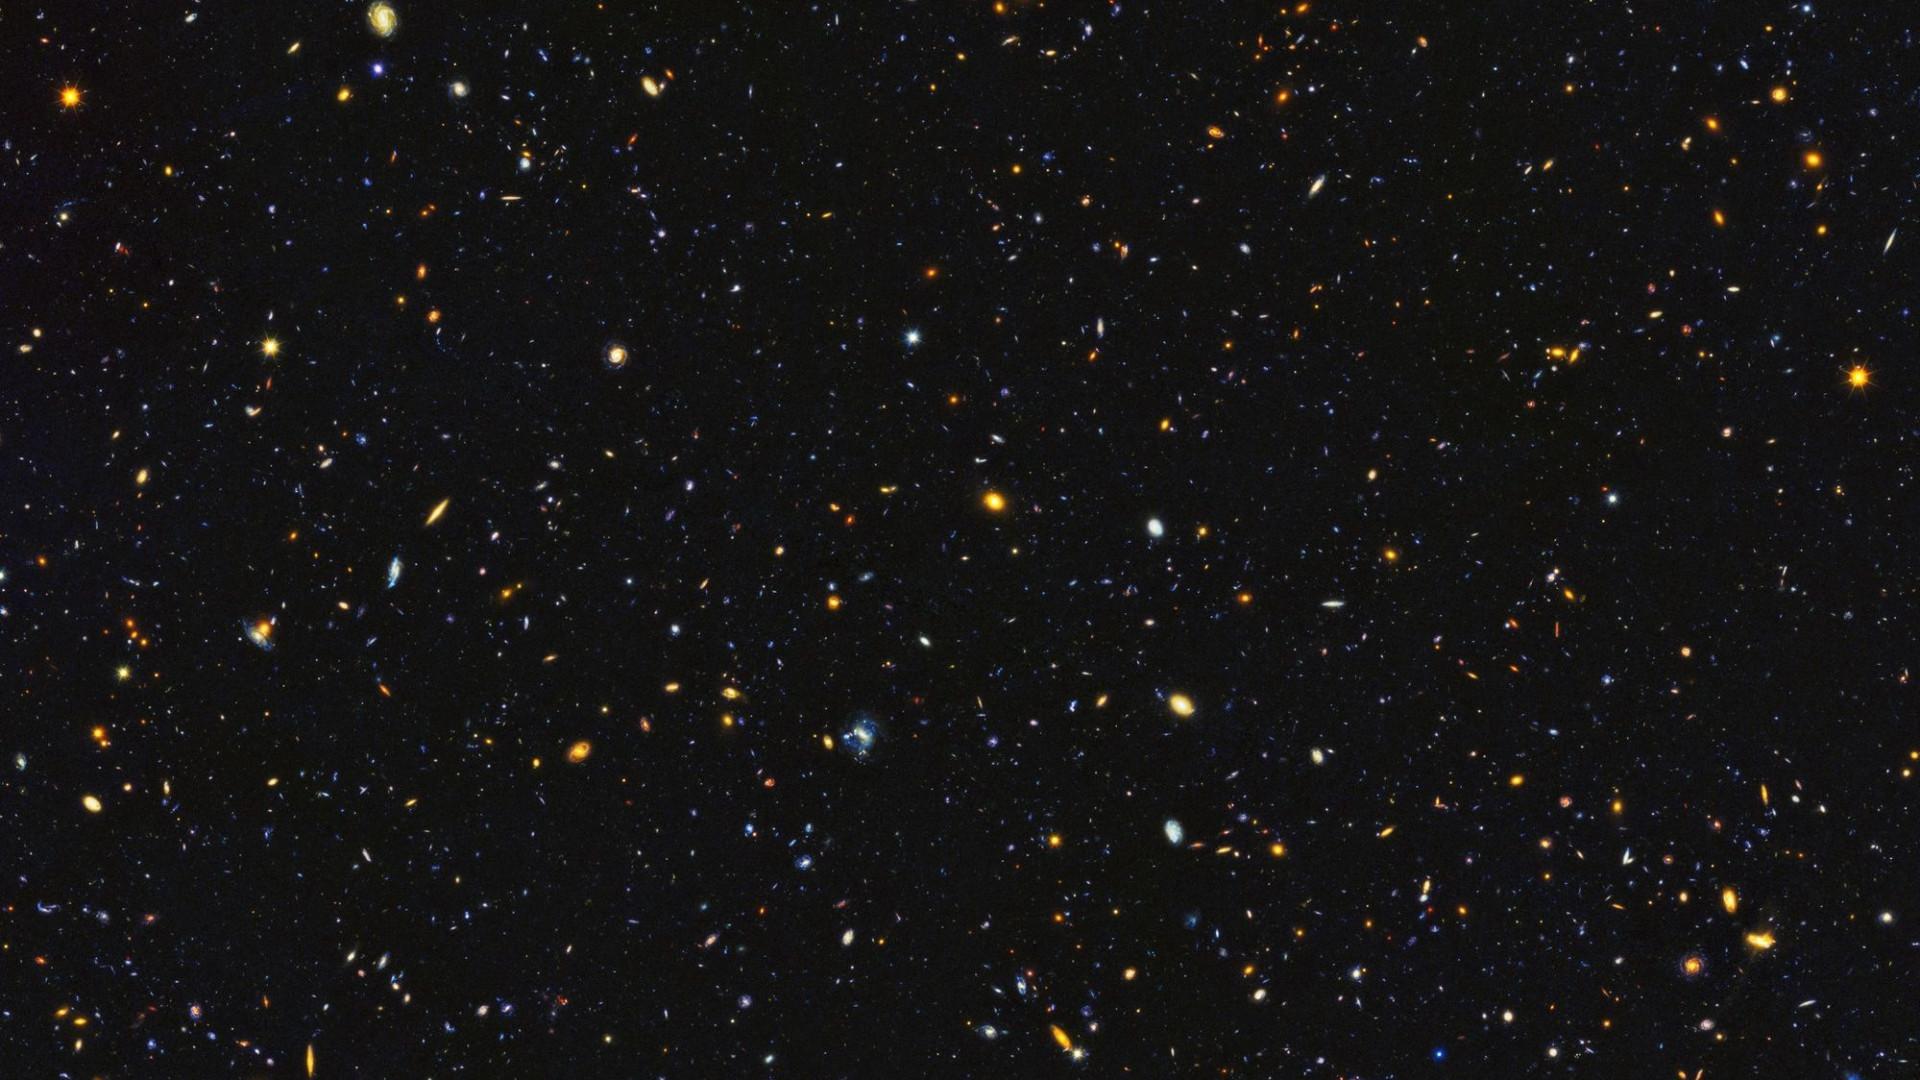 Nova fotografia do Hubble tem cerca de 15 mil galáxias